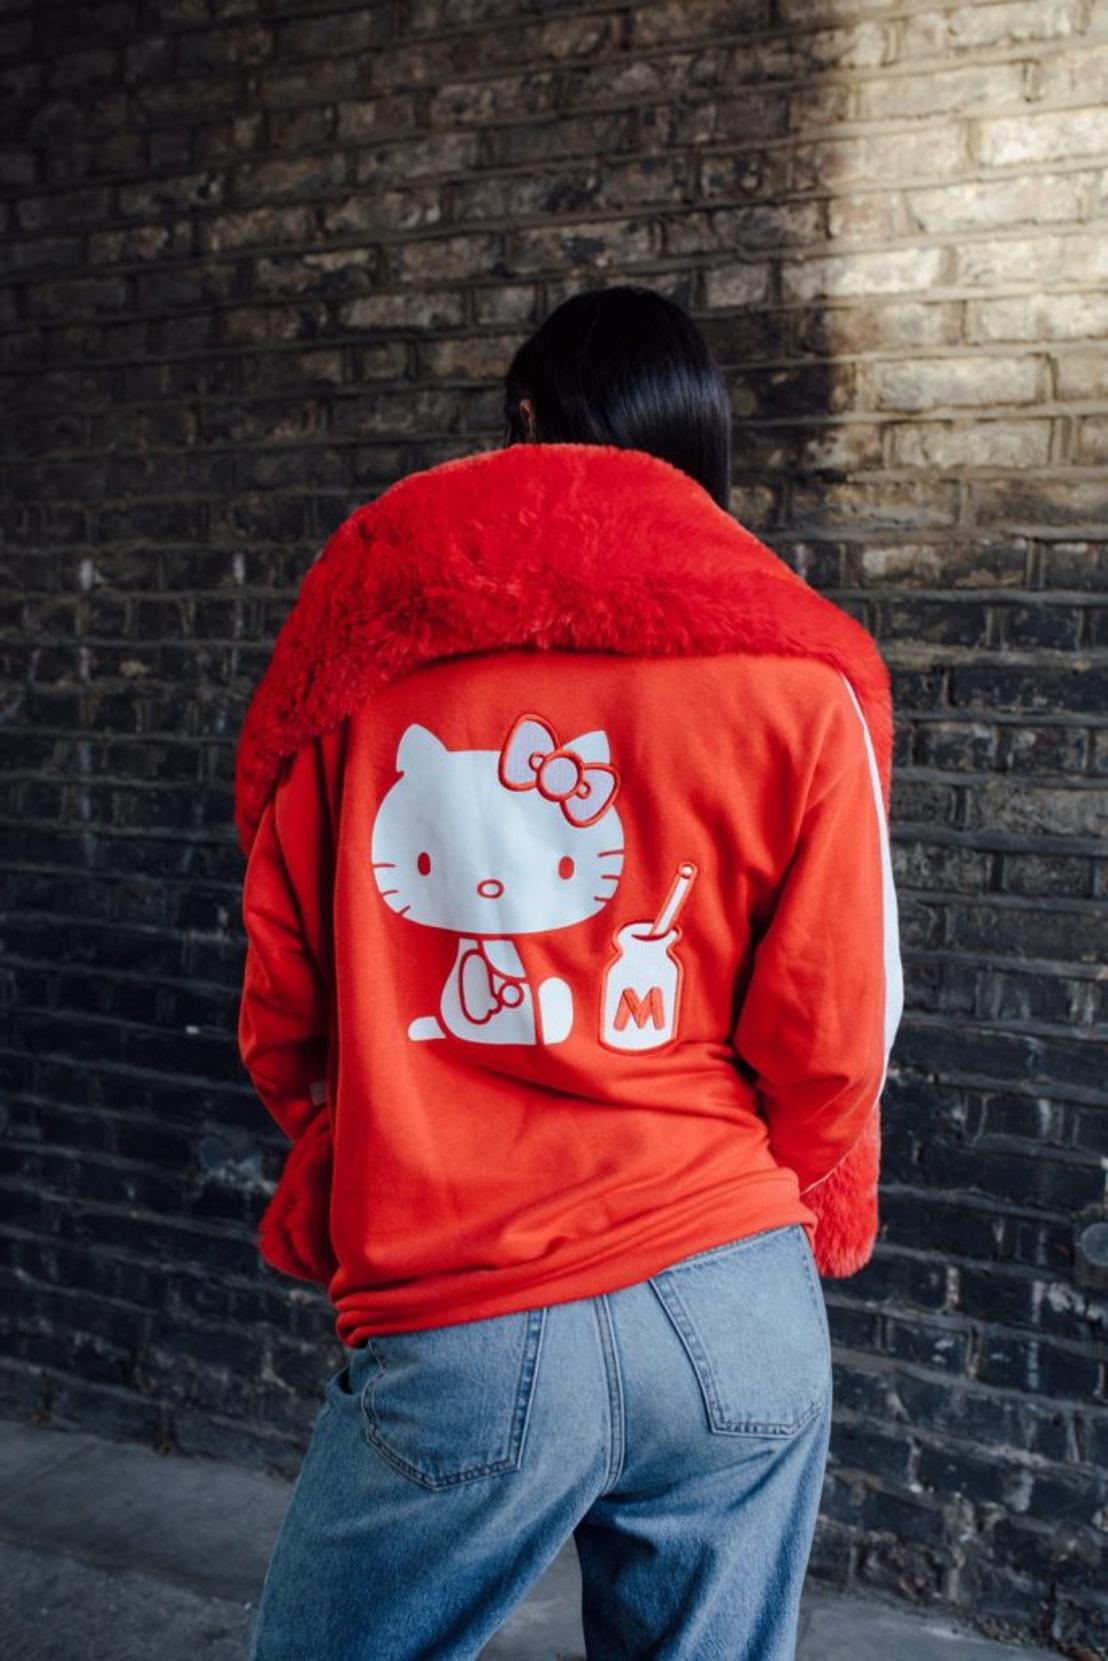 PUMA lanza colección especial con Hello Kitty